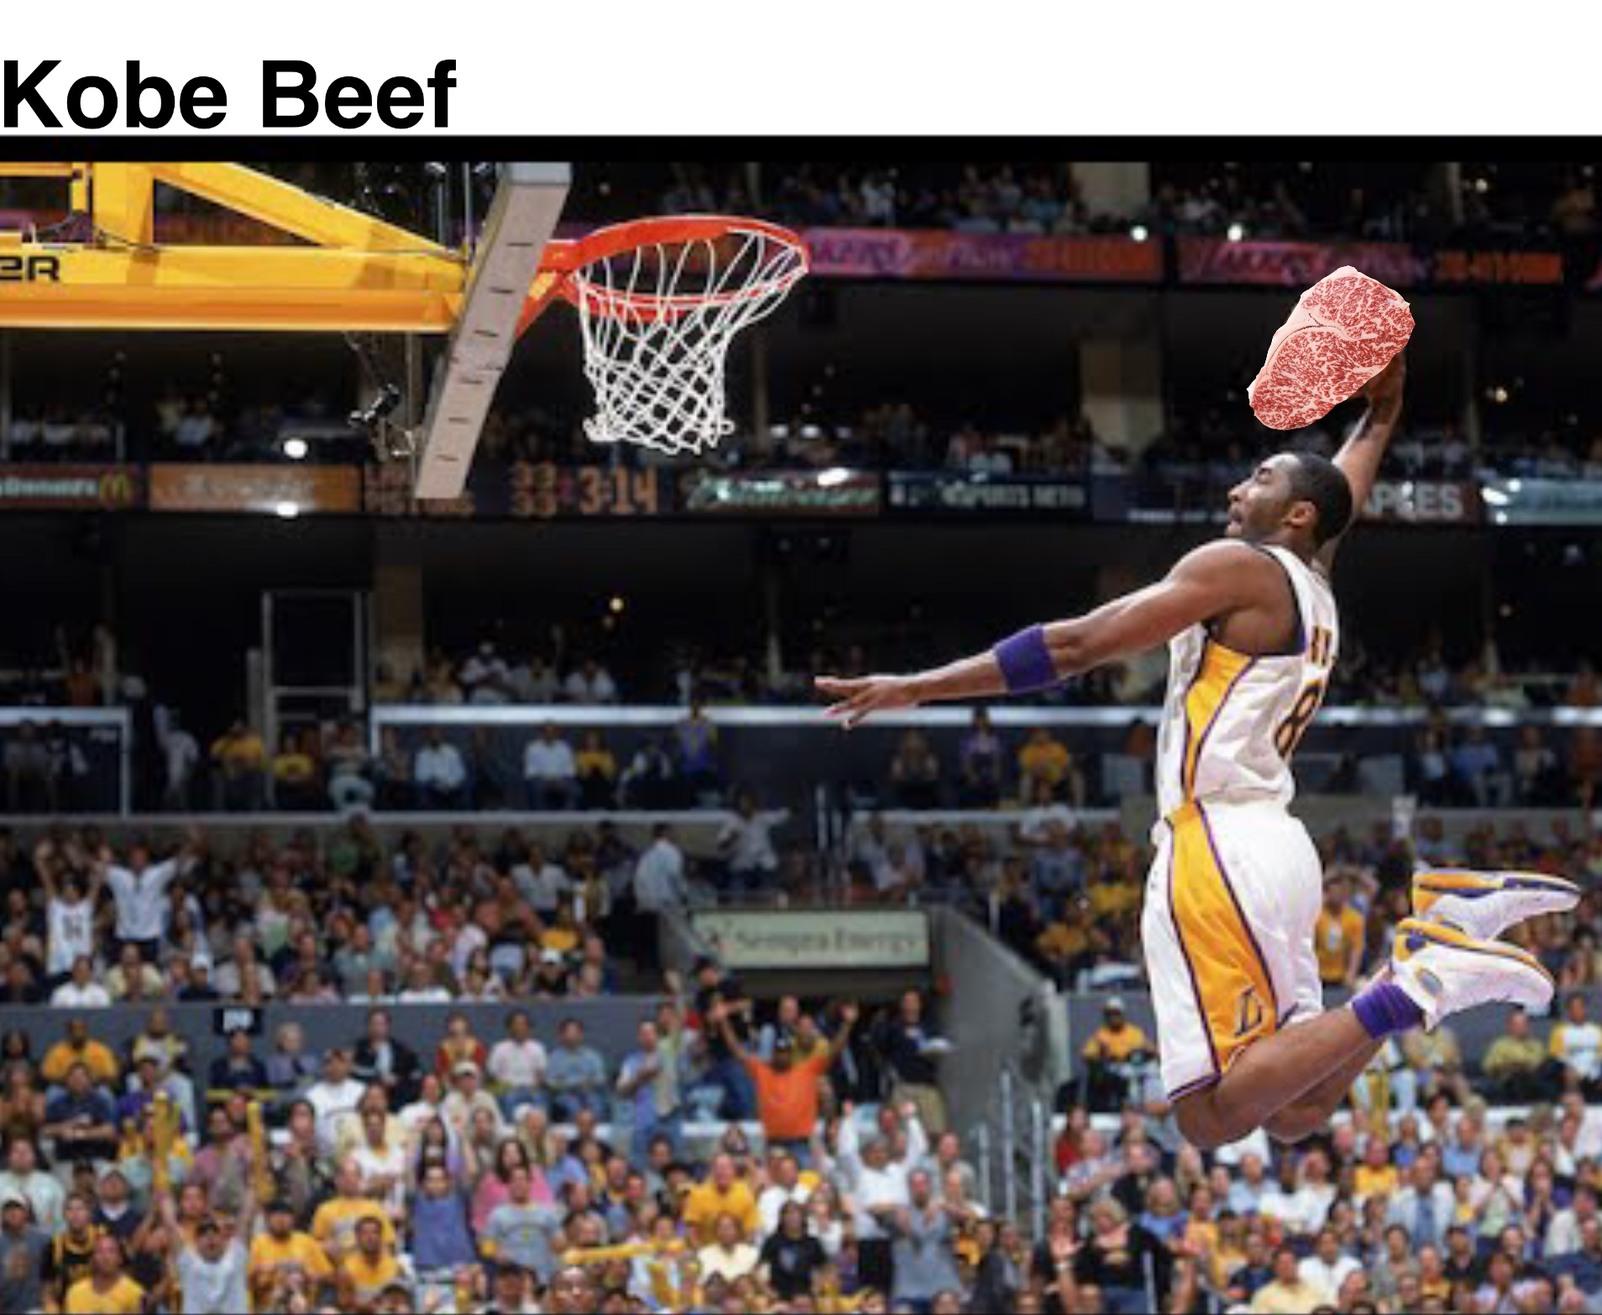 Kobe Beef - meme